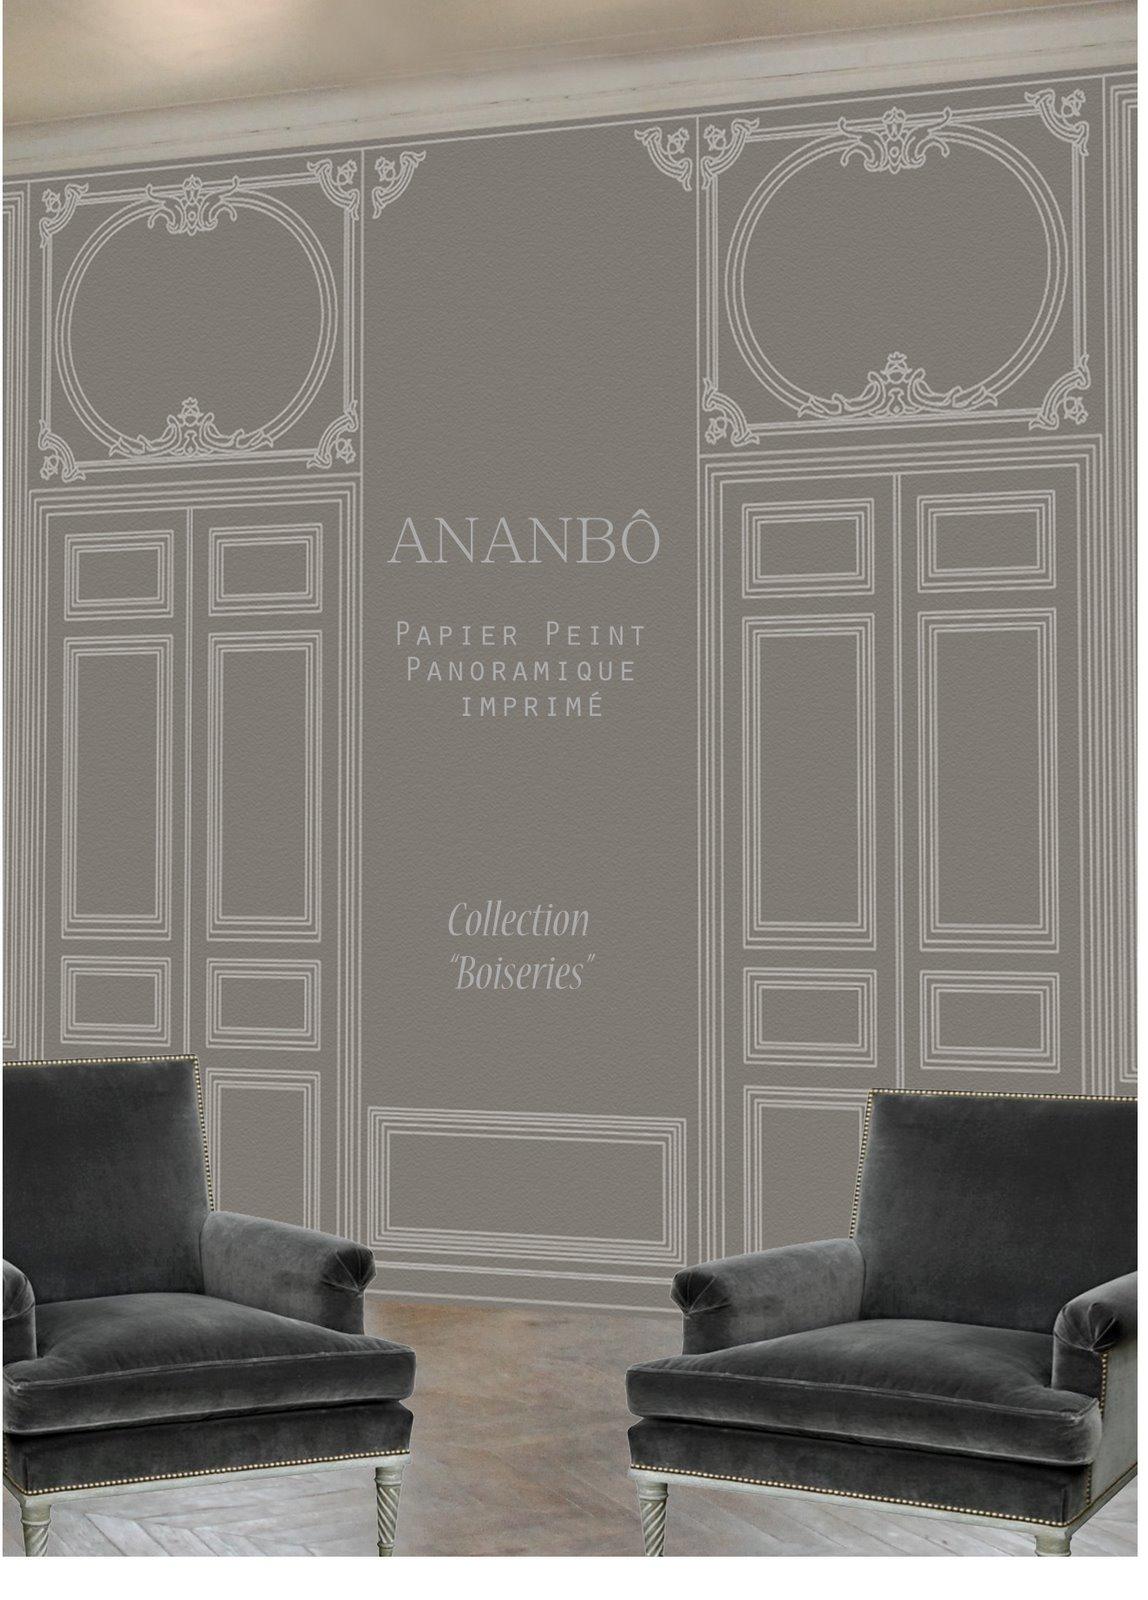 ananb papier peint panoramique imprim la collection boiseries sera en vente au mois de. Black Bedroom Furniture Sets. Home Design Ideas